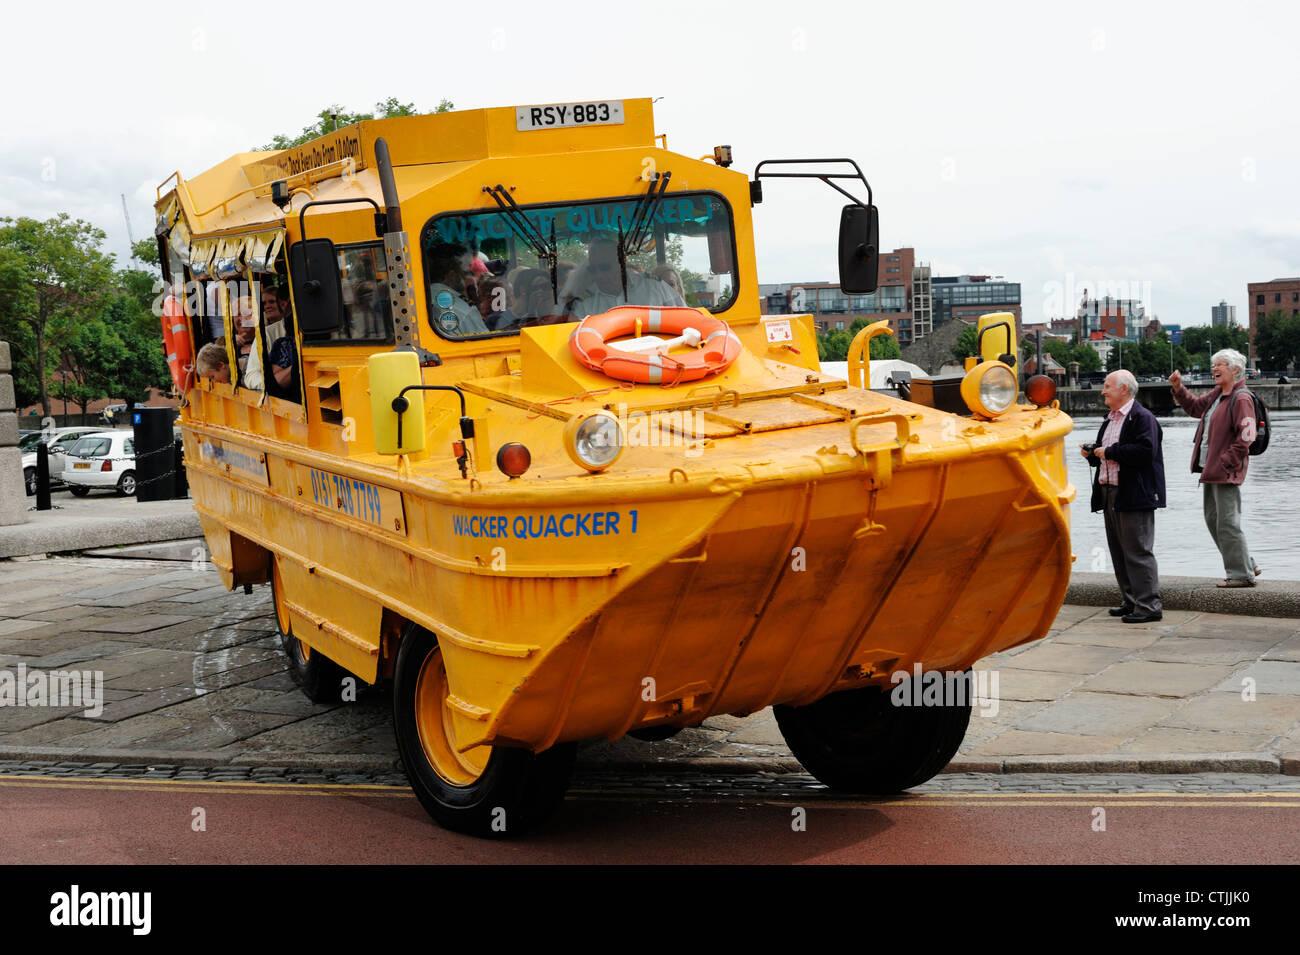 Liverpool Wacker Quacker giallo tour in barca veicolo Immagini Stock